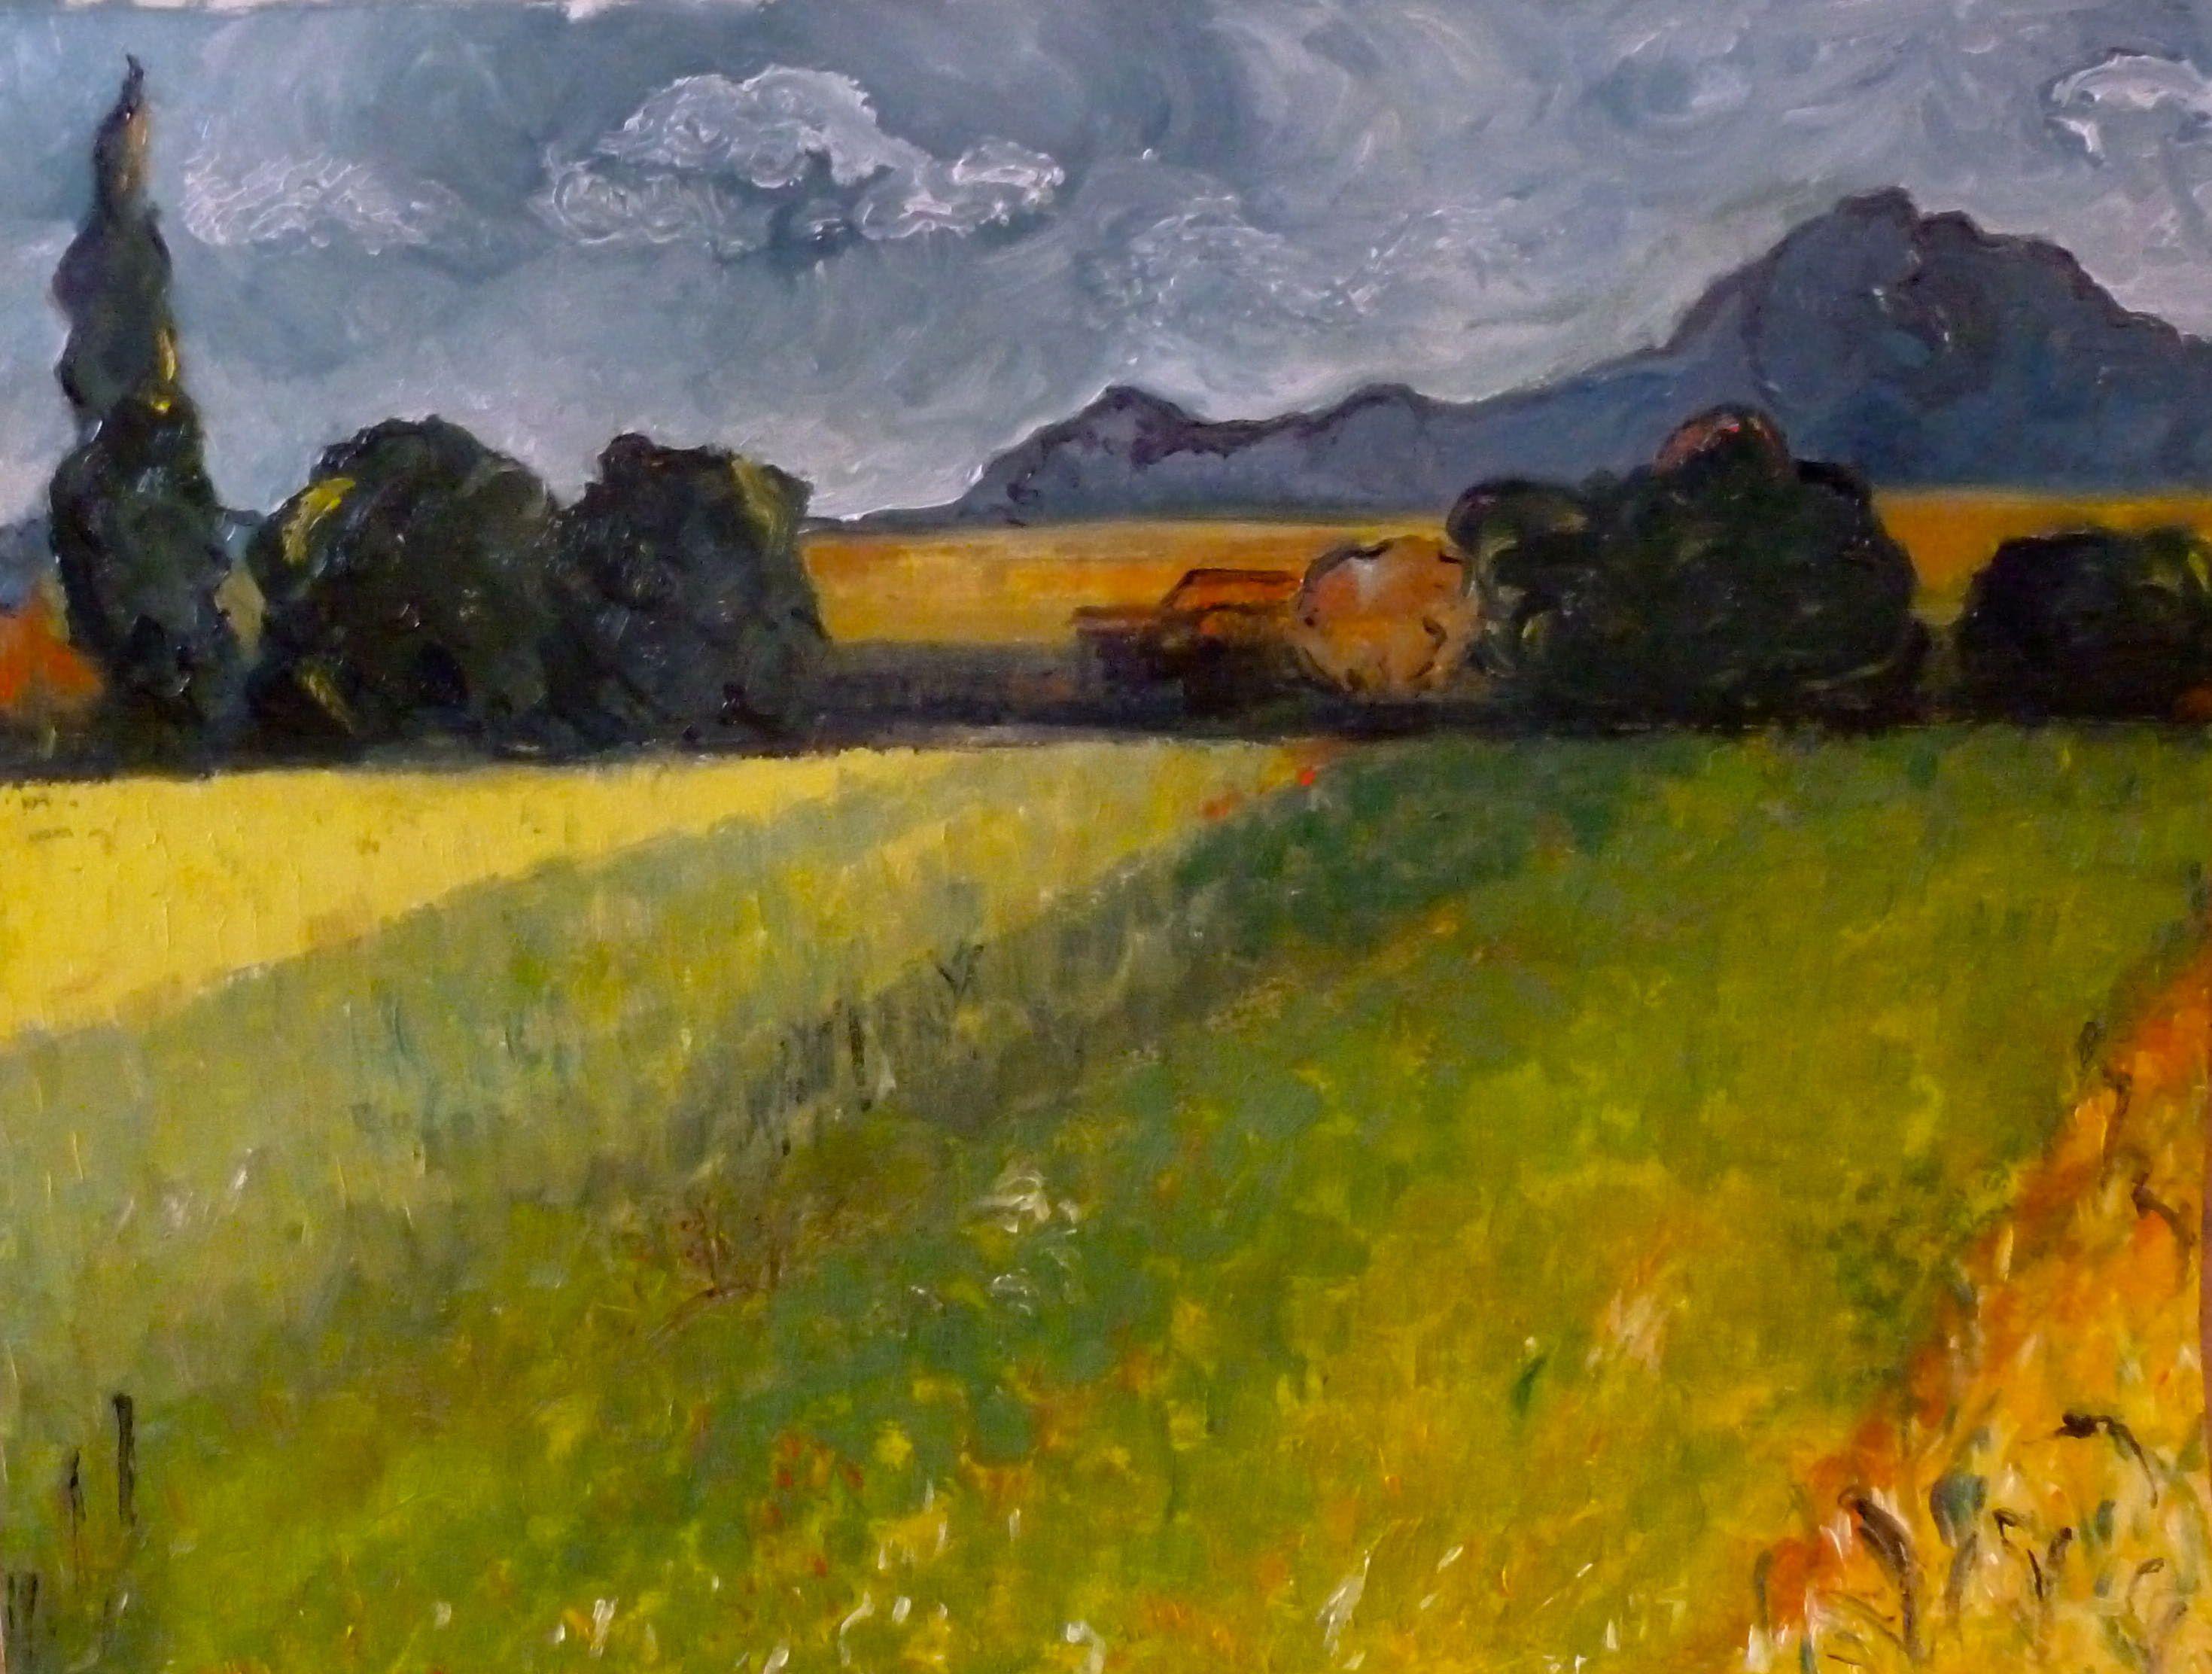 Landscape Paintings By Van Gogh A Landscape Van Gogh Would Landscape Paintings Van Gogh Gogh